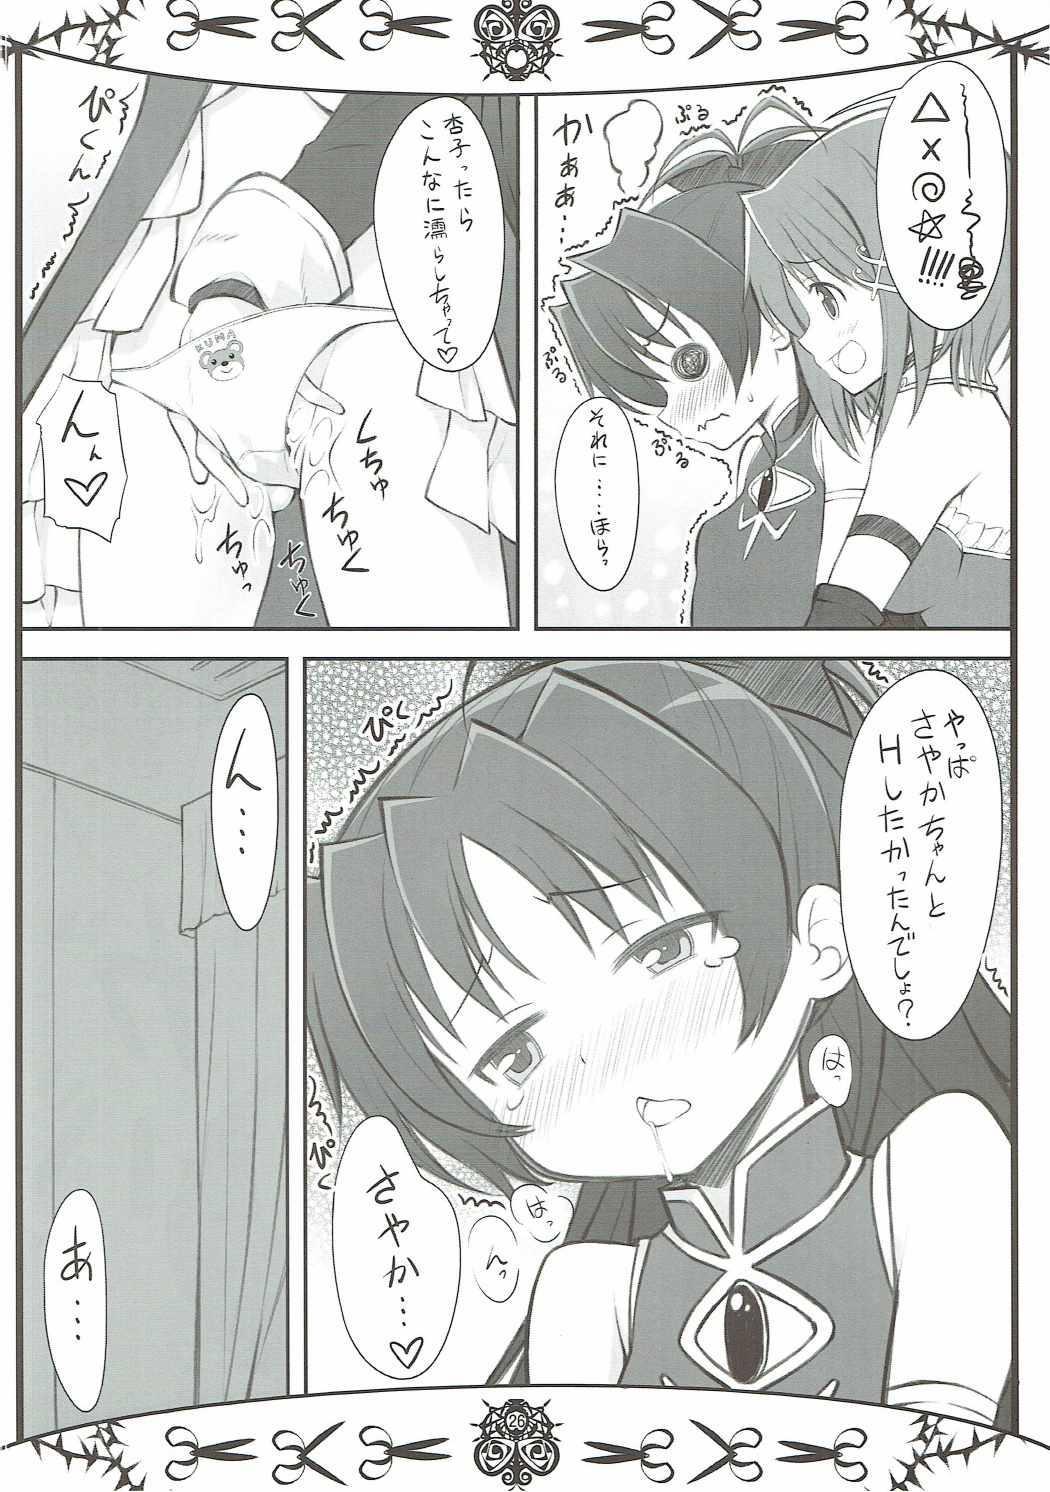 Mahou Shoujo no Mutsumigoto 24